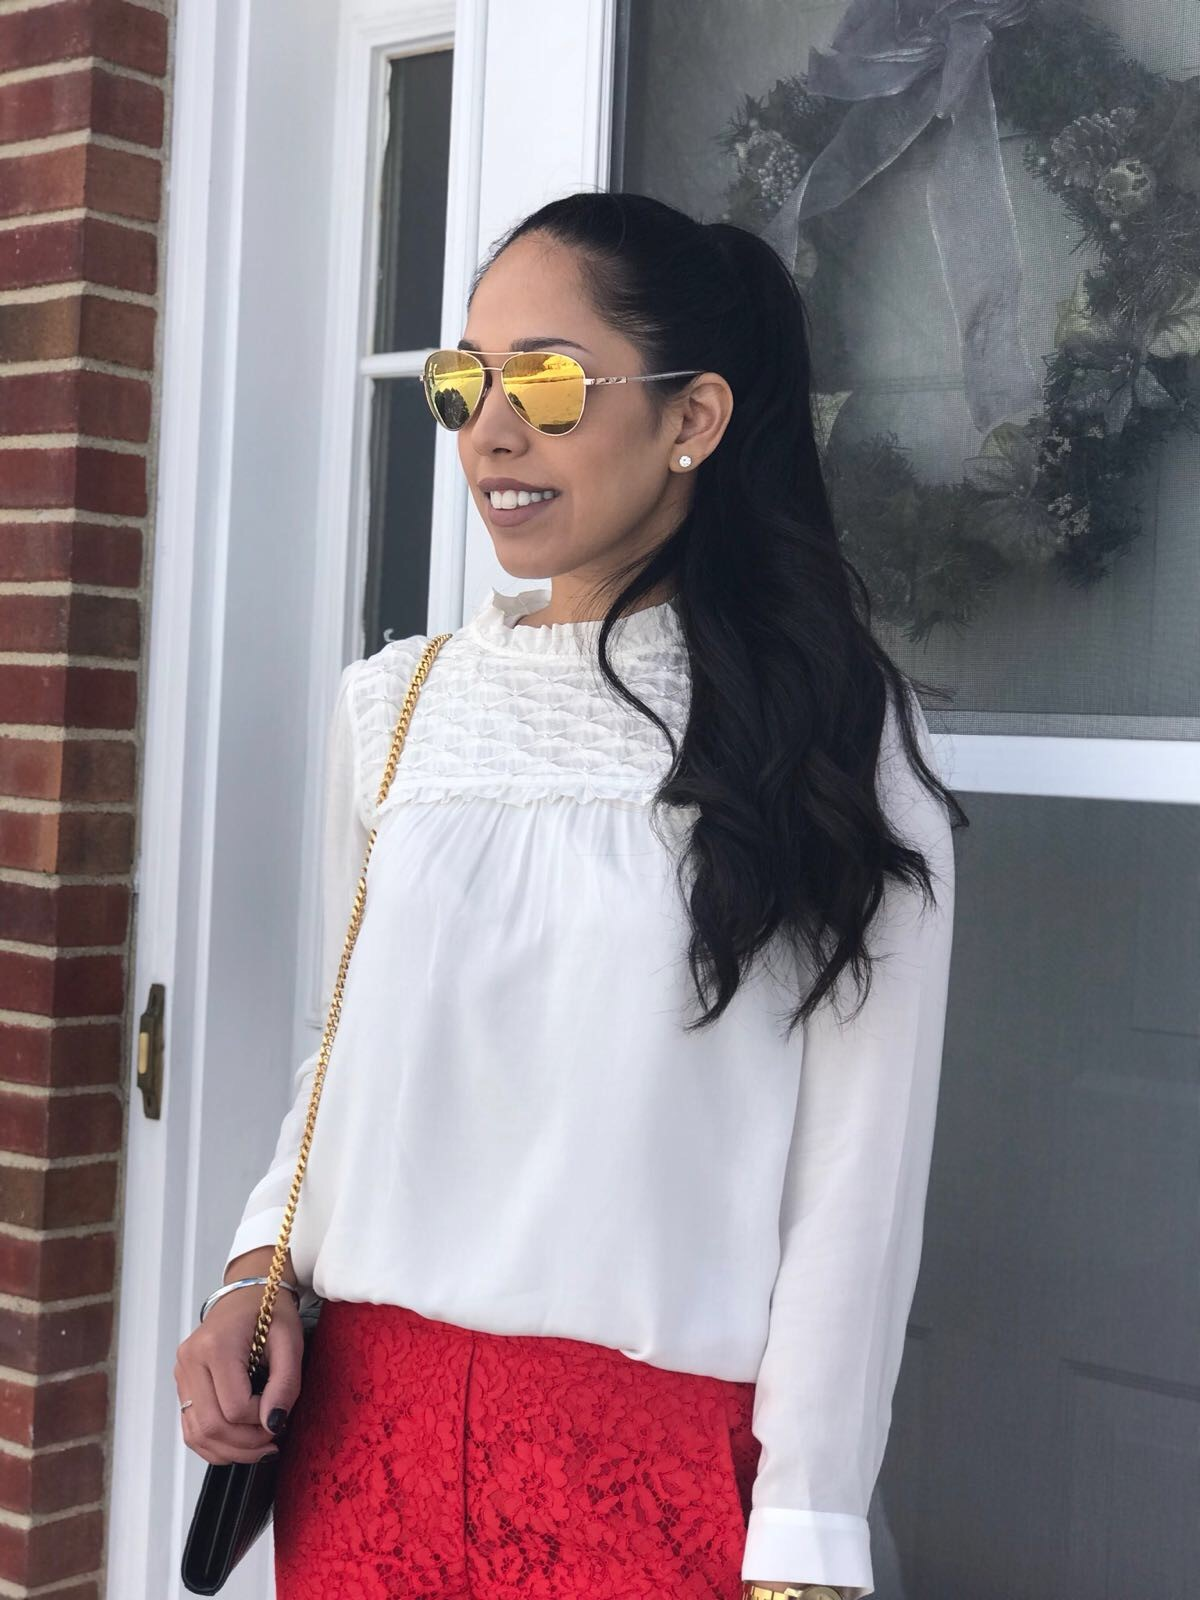 philadelphia-fashion-blogger-style-fashion